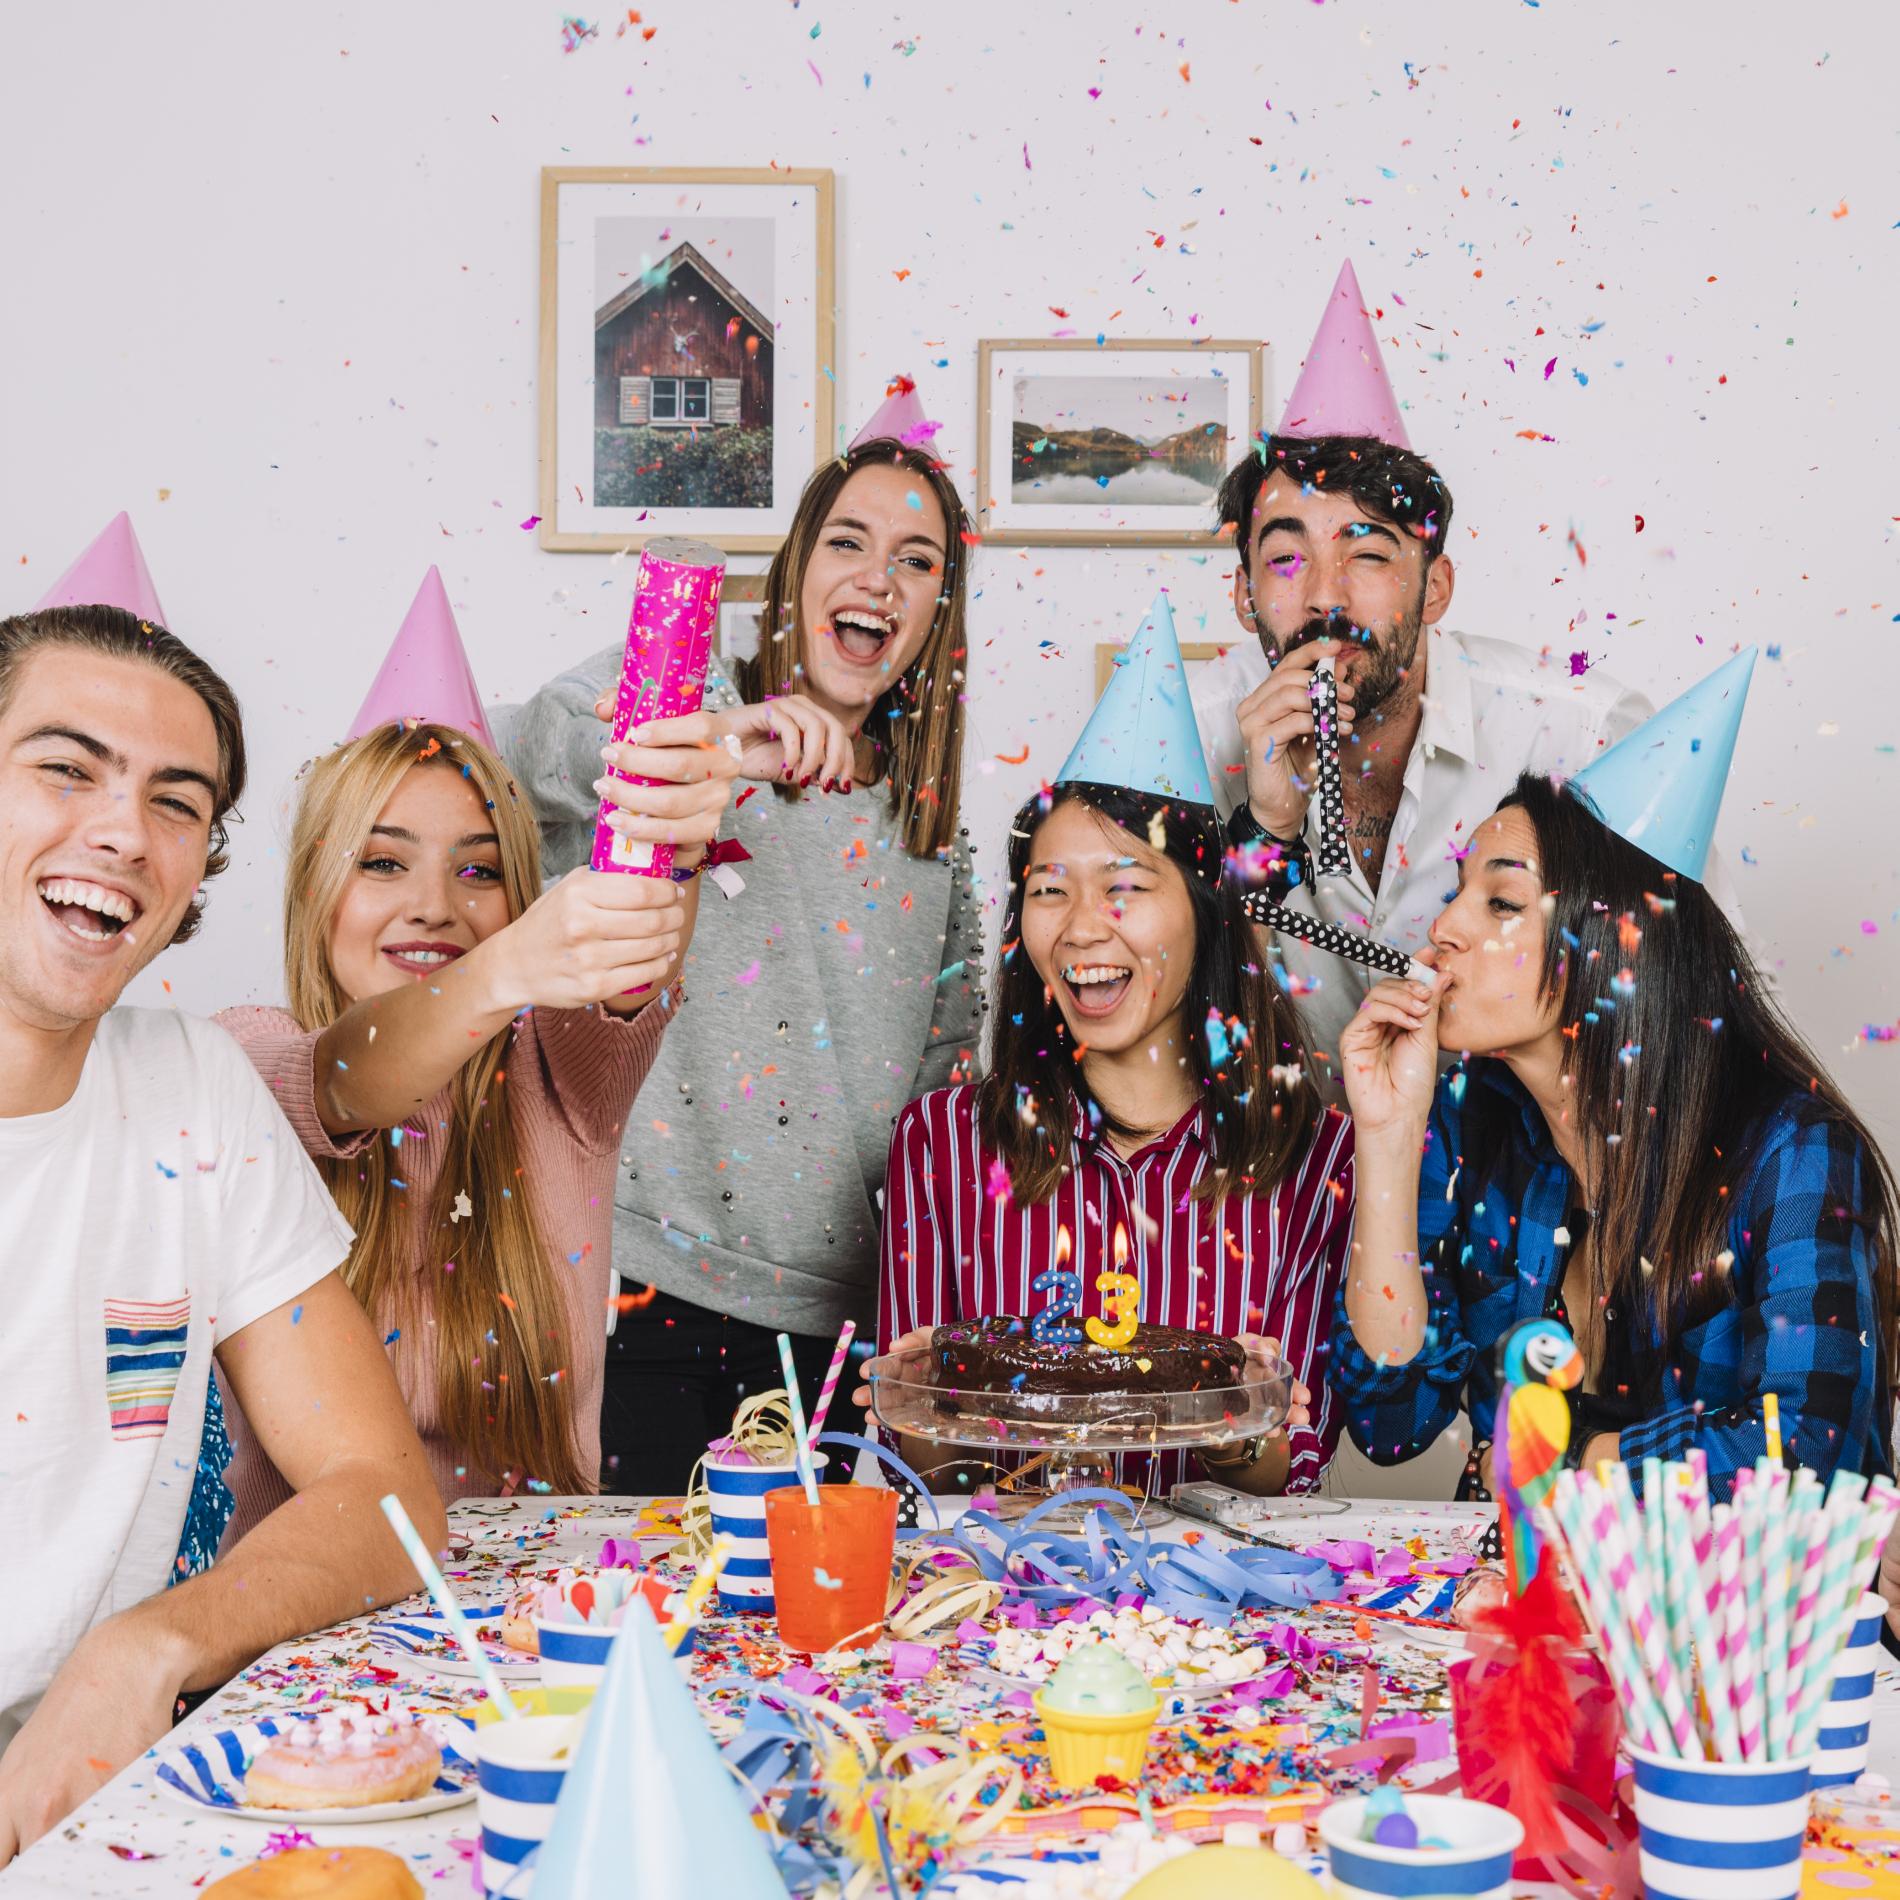 454th birthday celebrat celebrations - 626×626